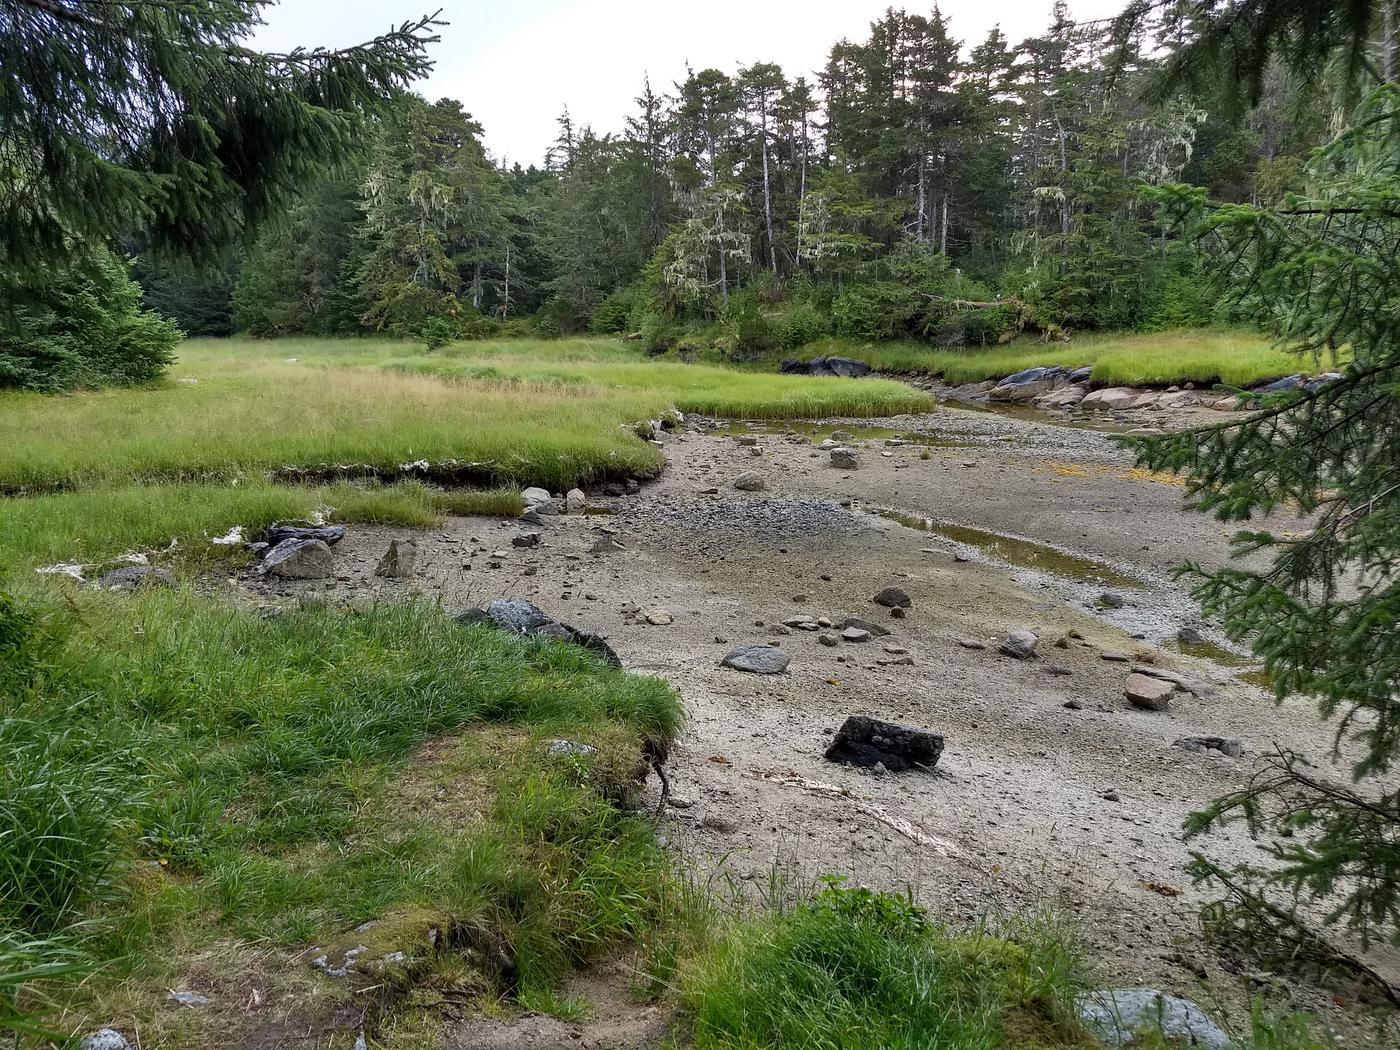 Creek near cabinAt low tide